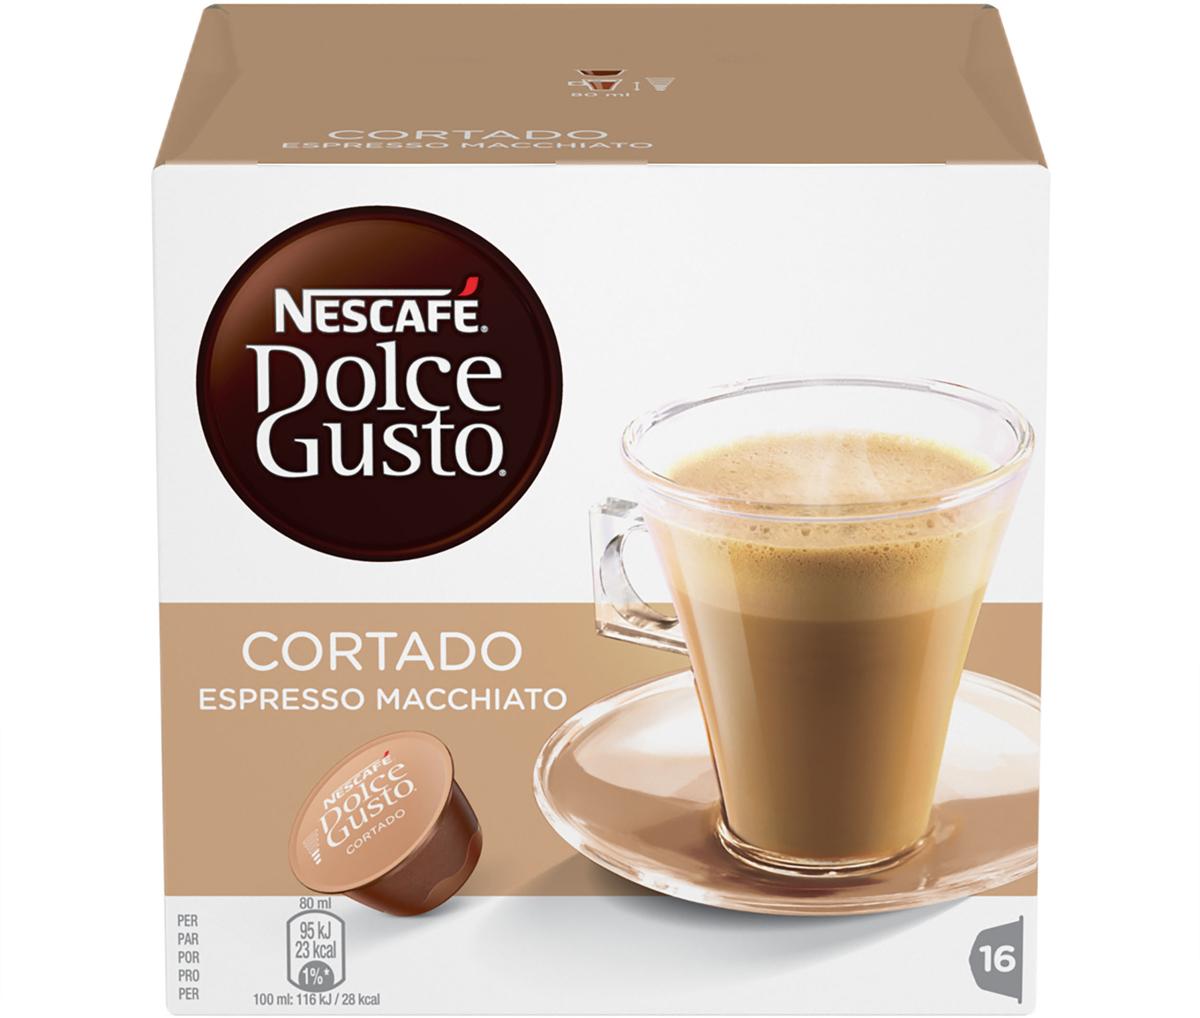 Nescafe Dolce Gusto Cortado (эспрессо с молоком) кофе в капсулах, 16 шт блюз эспрессо форте кофе молотый в капсулах 55 г